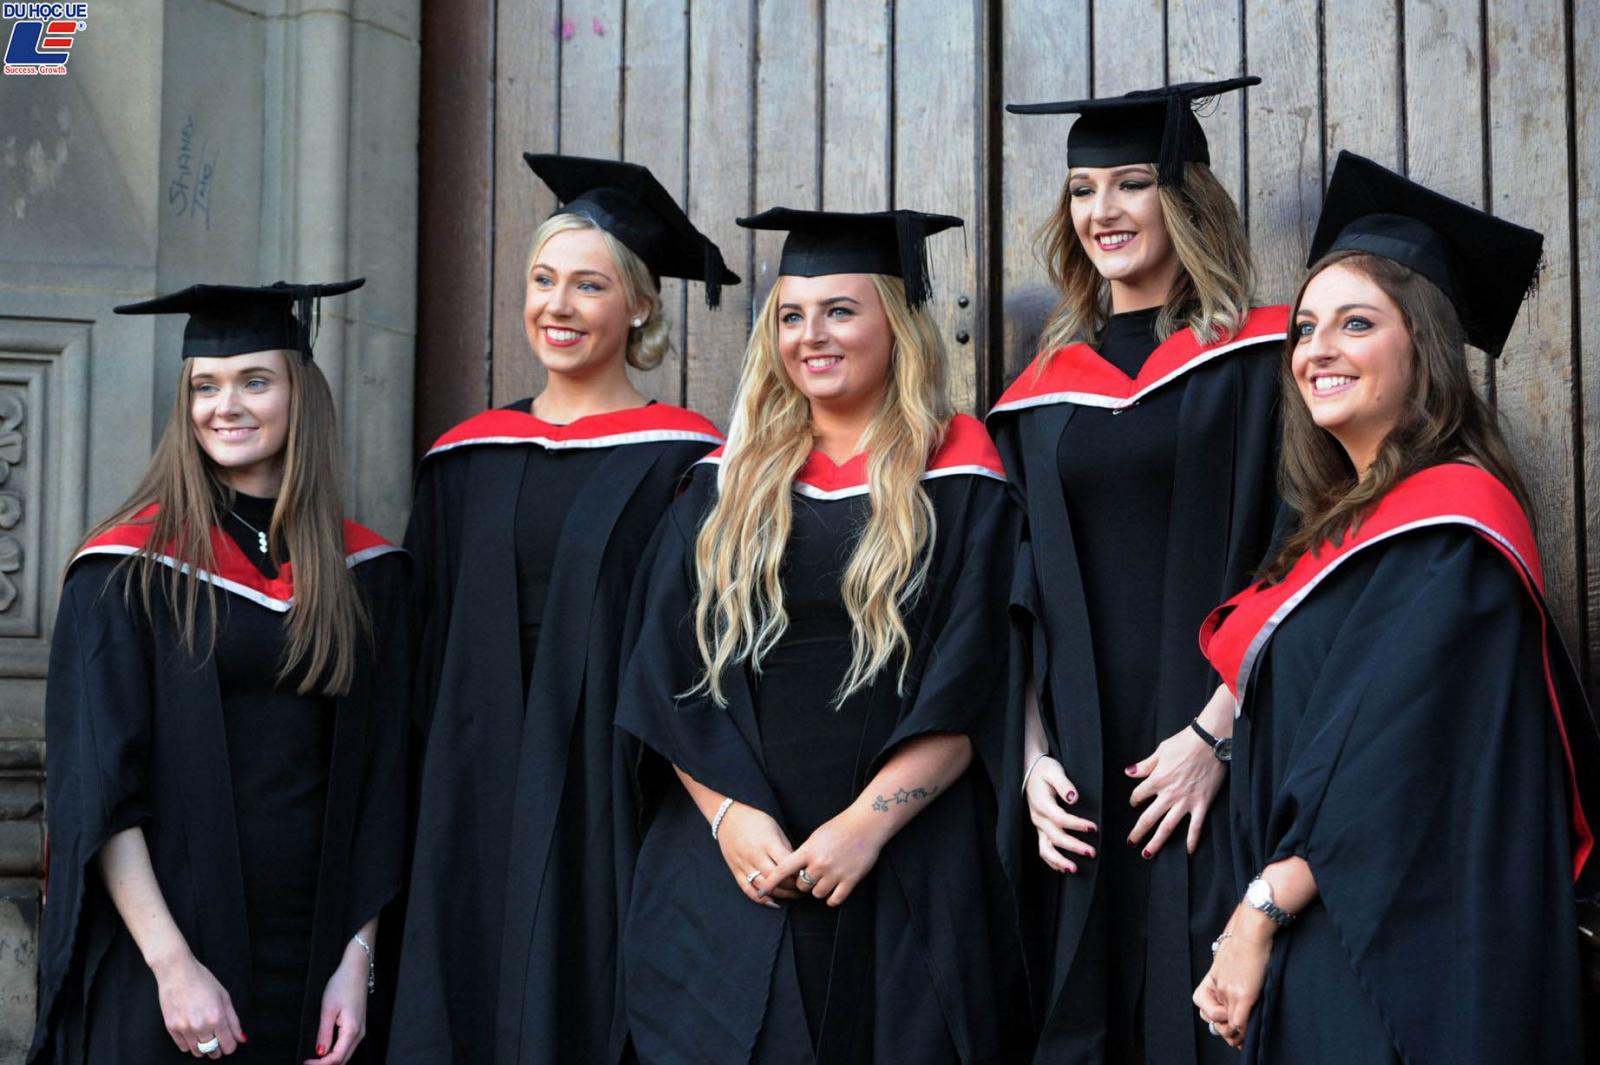 Du học Anh 2019 - Trường Kinh doanh, Đại học Teesside 3